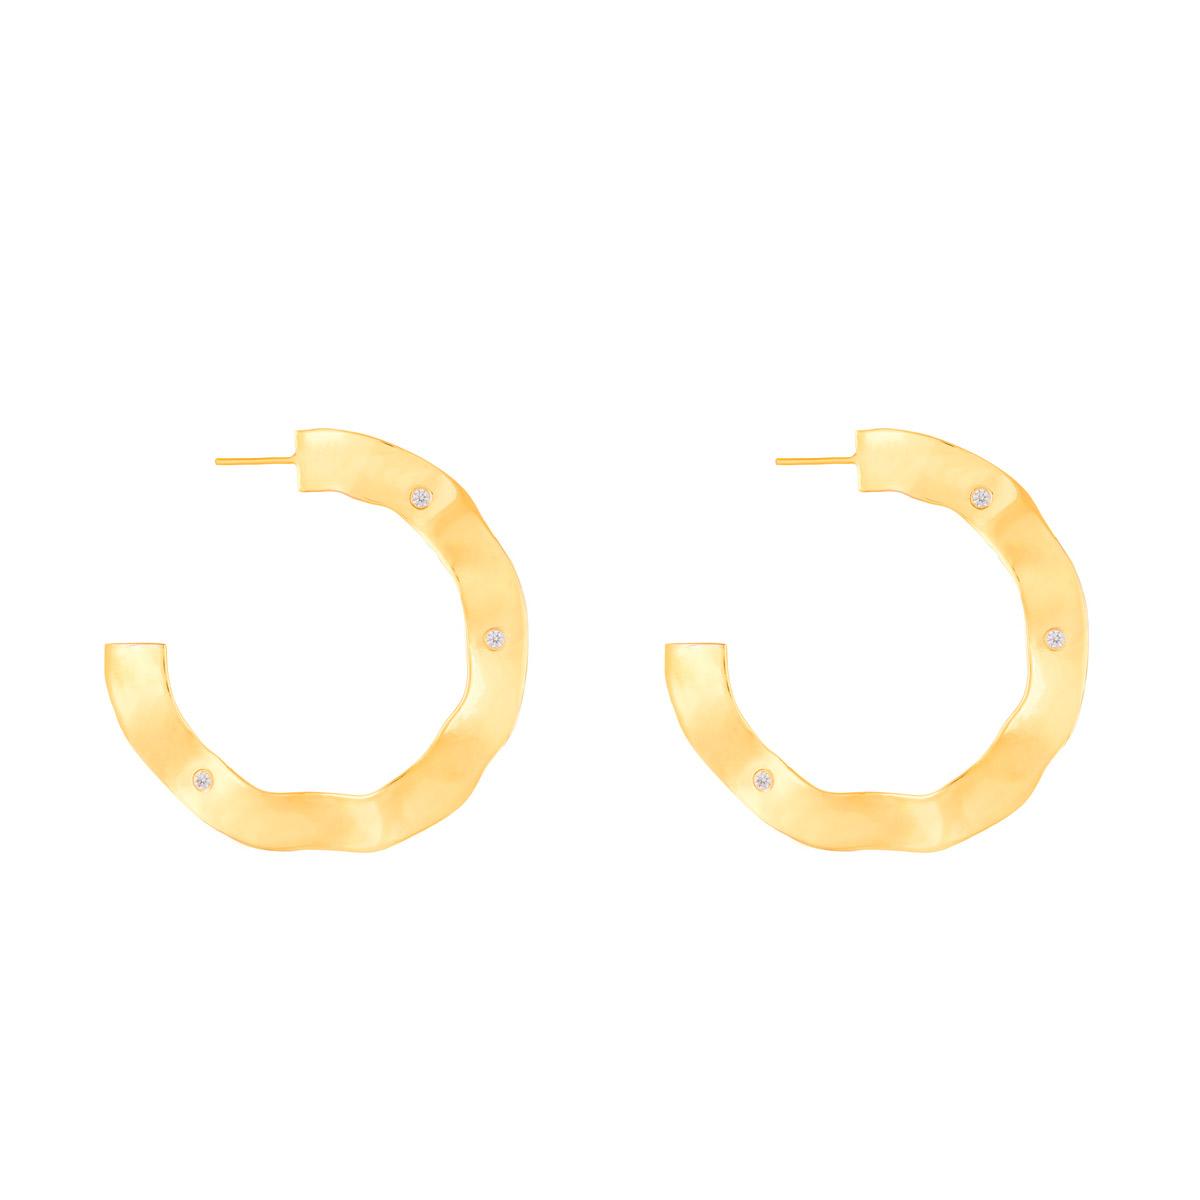 گوشواره طلا دایره و نگین ایشتار